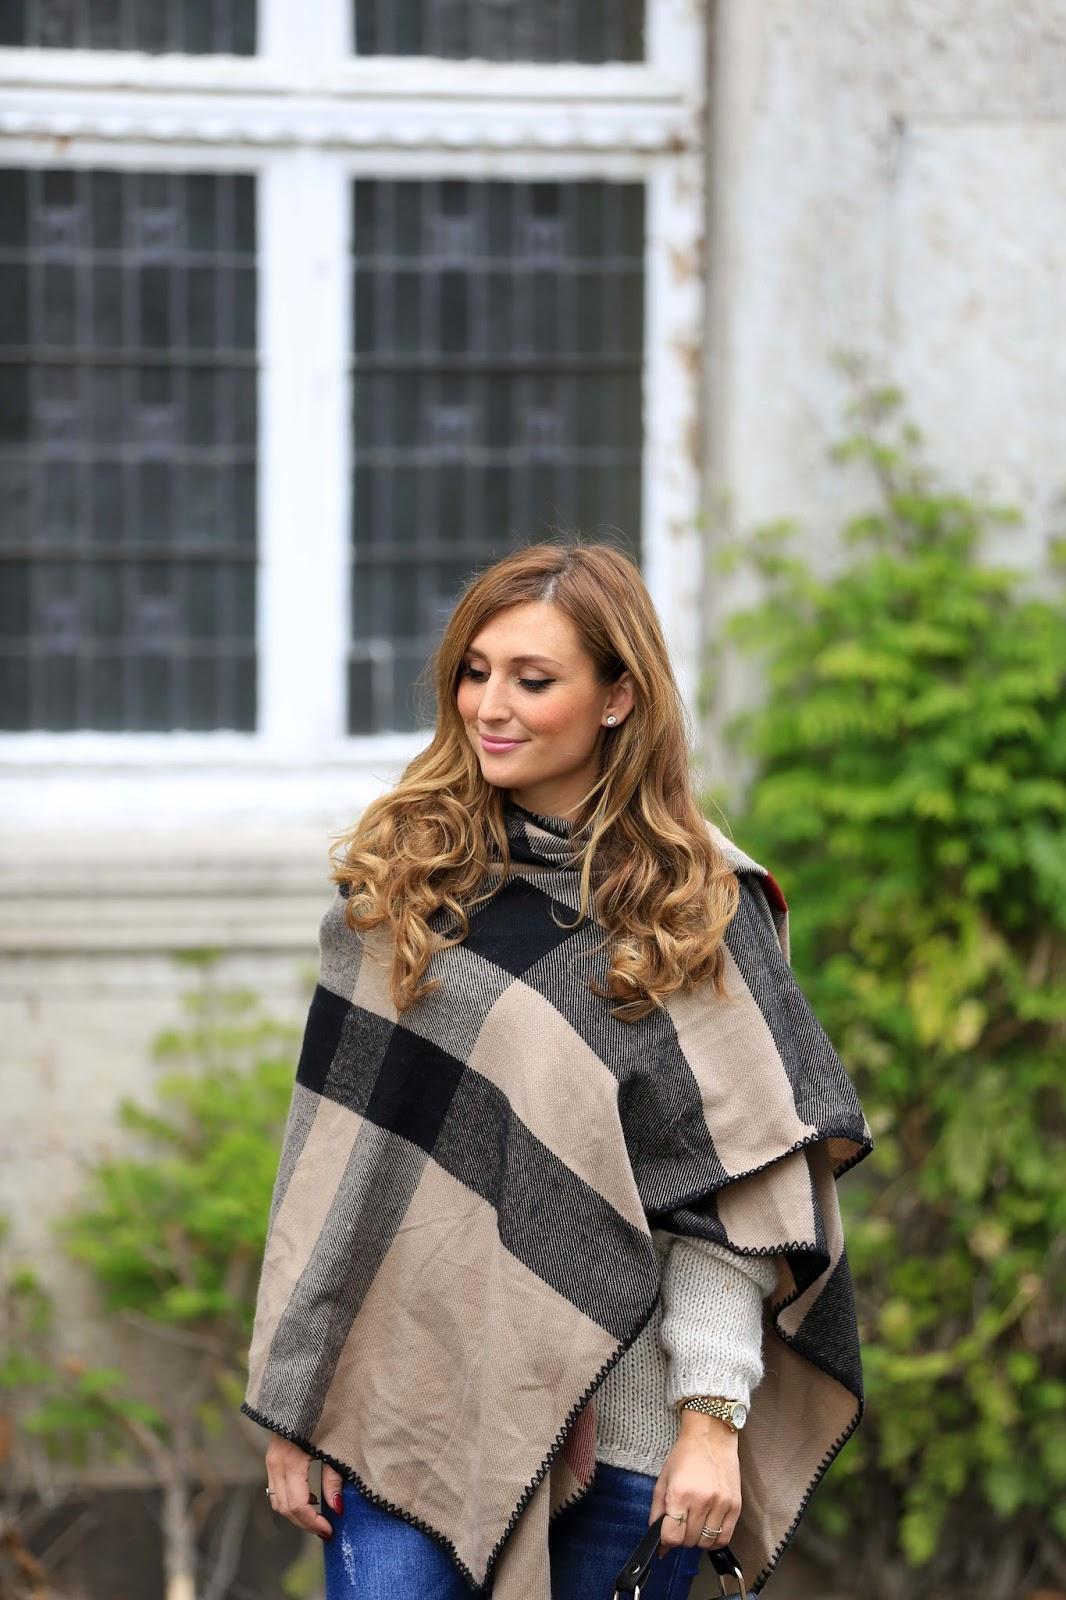 Blogger aus Deutschland-Deutsche Fashionblogger - Deutsche Blogger- Blogger Deutschland-Fashionstylebyjohanna-OffShoulder- Off-ShouldernPullover